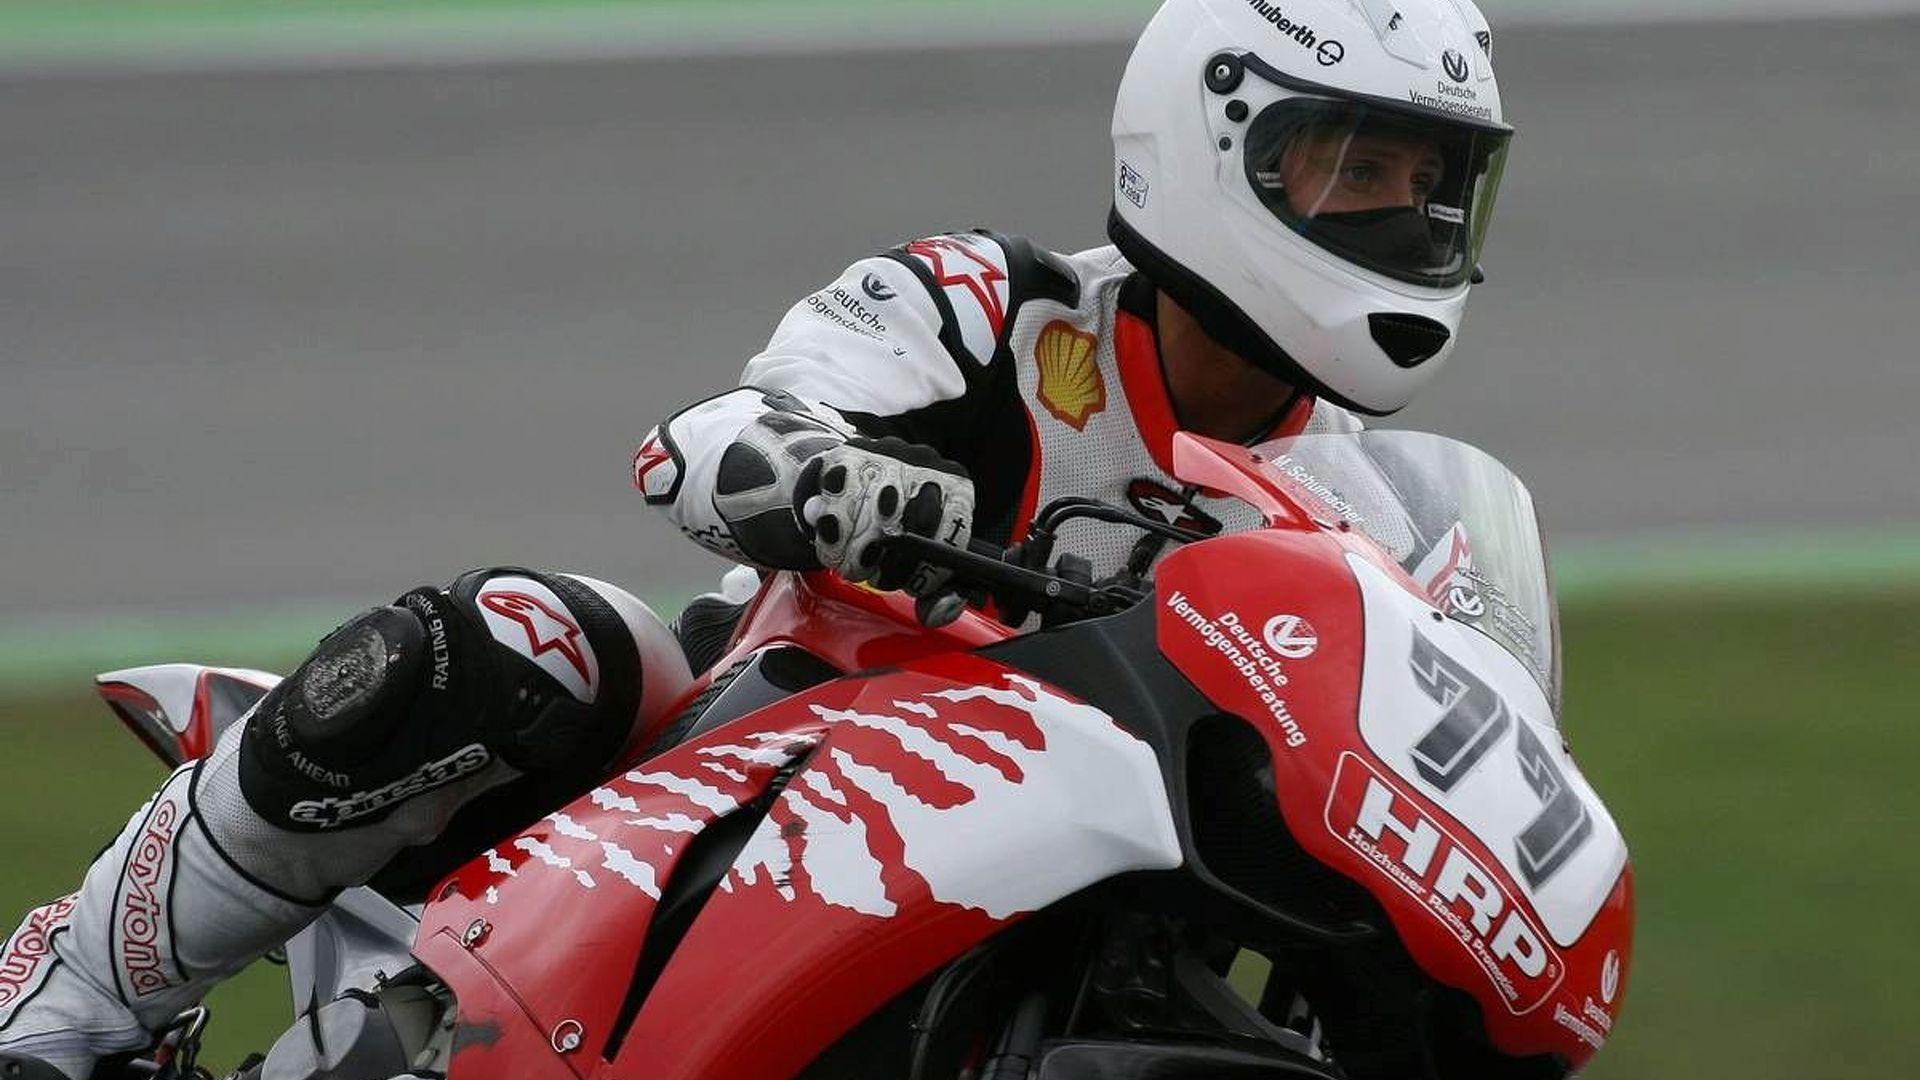 Schu calls off Dutch motorbike race